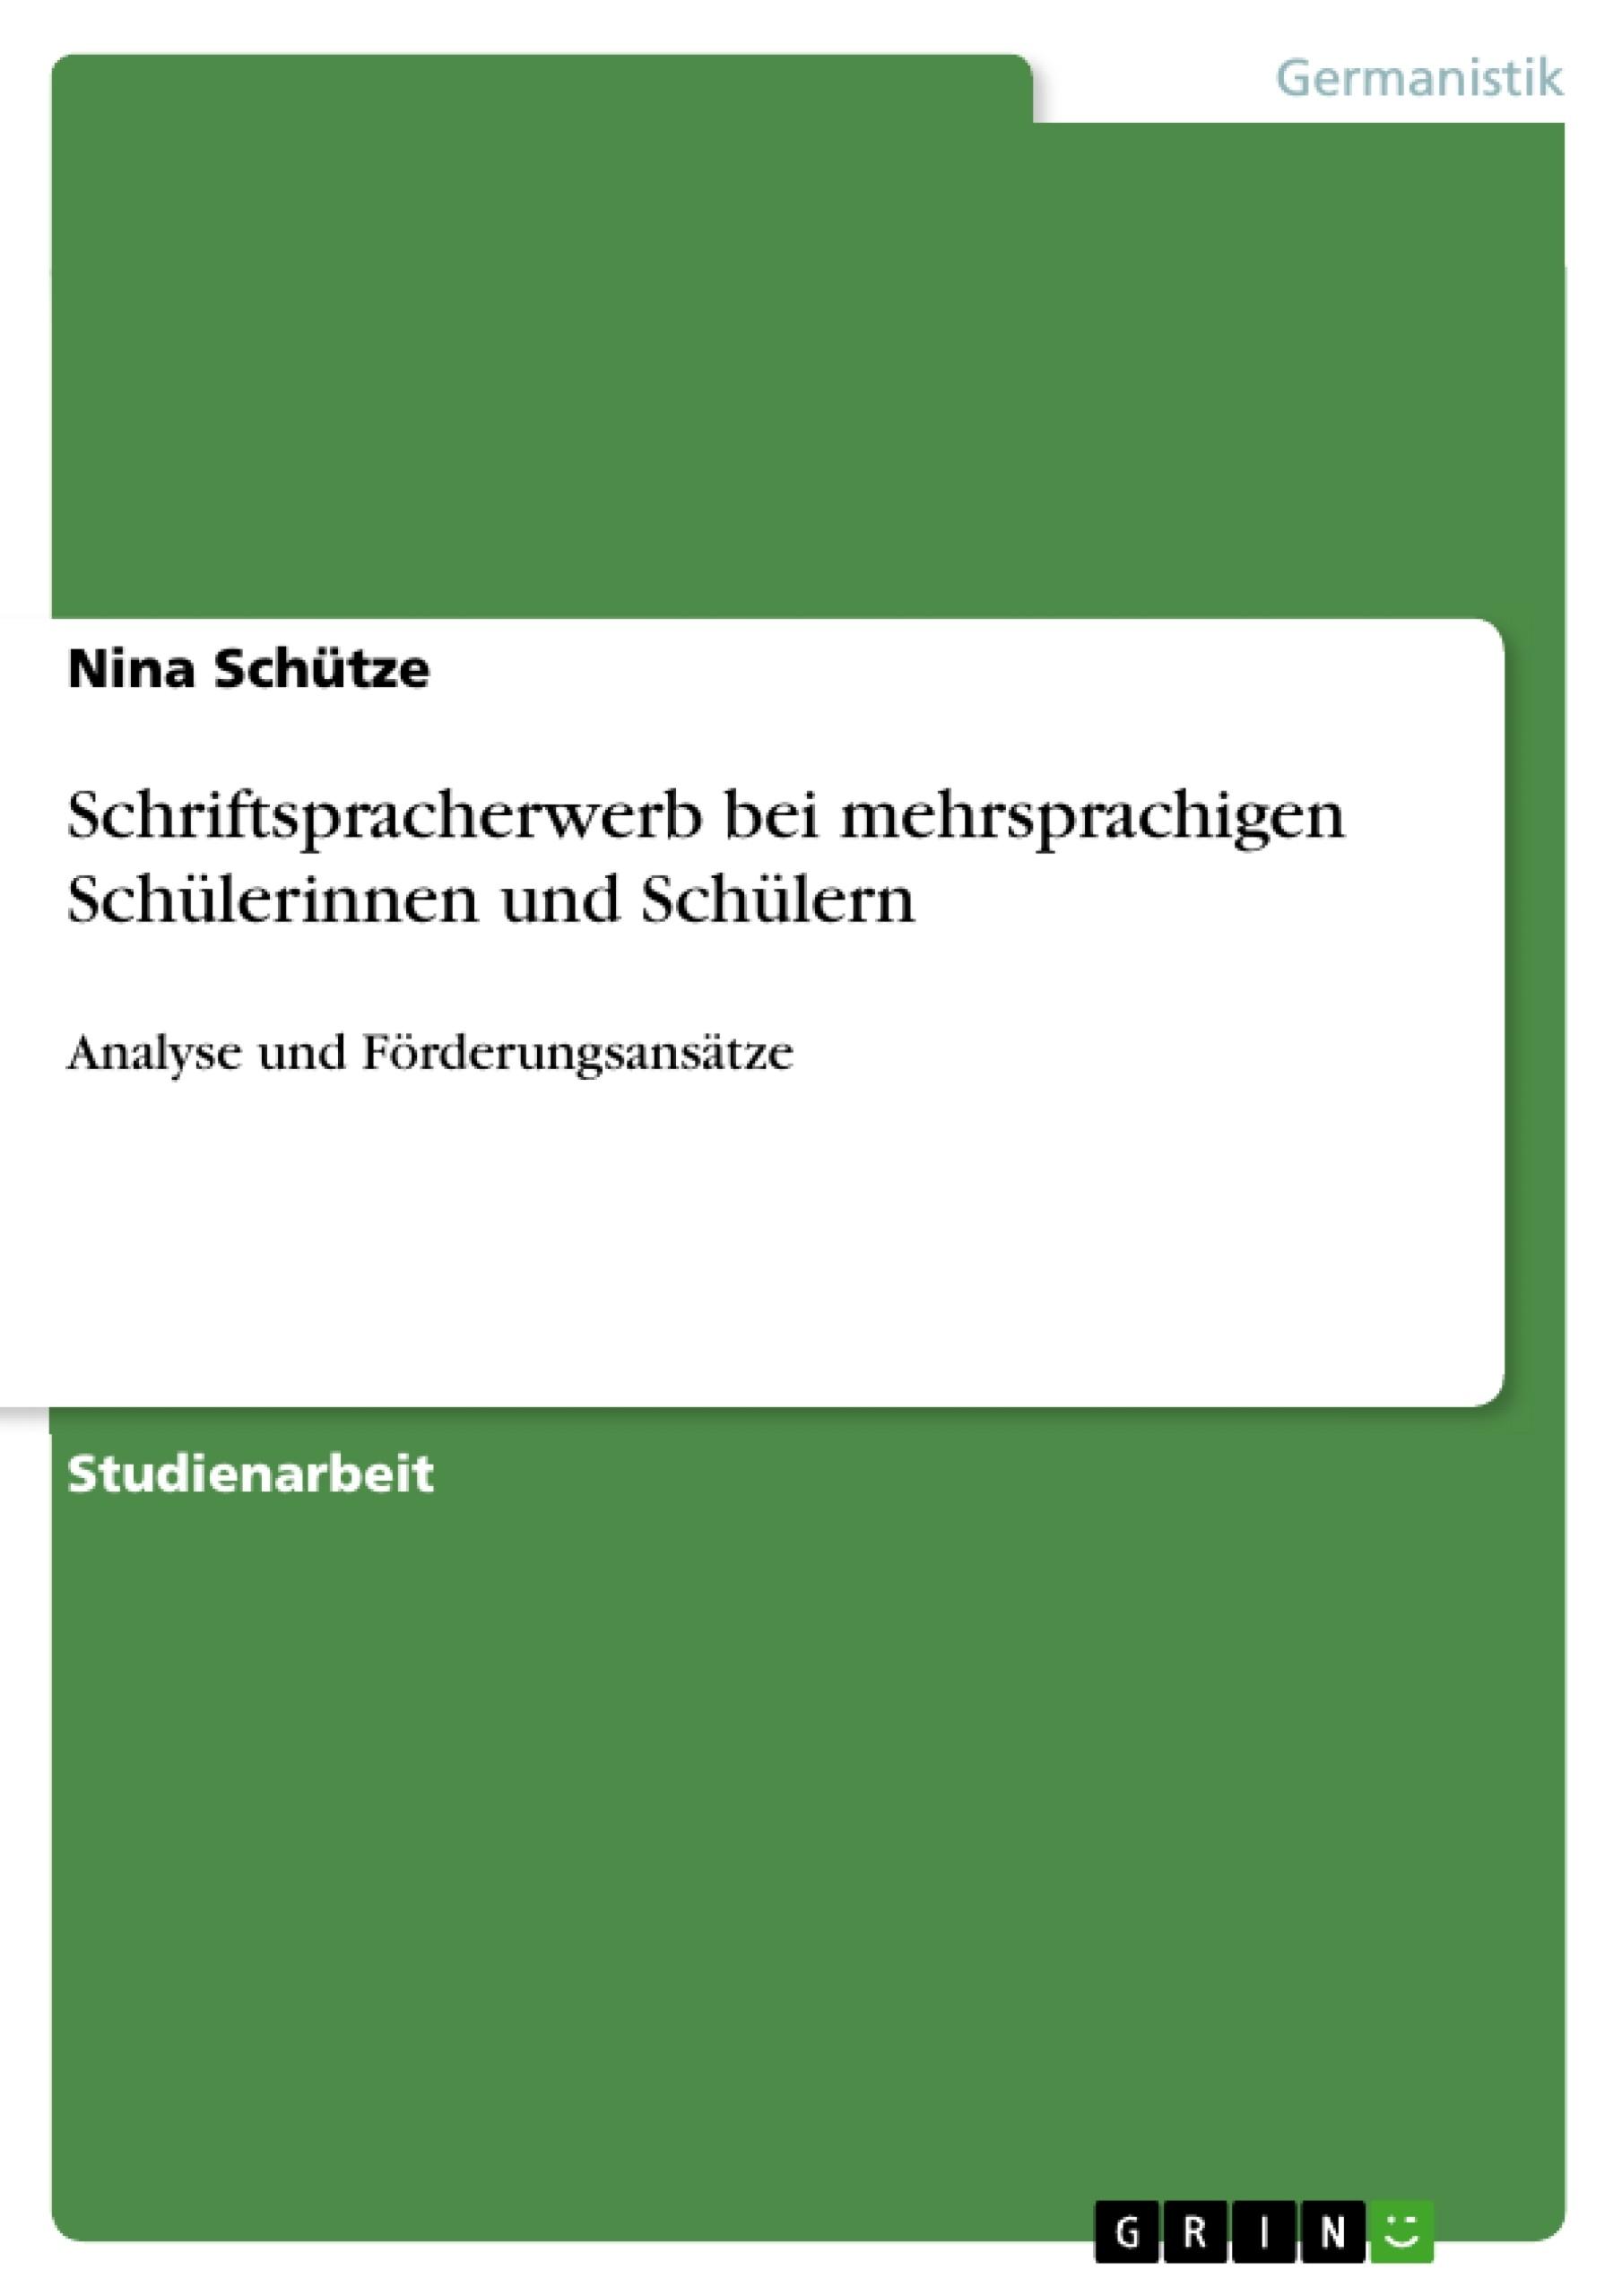 Titel: Schriftspracherwerb bei mehrsprachigen Schülerinnen und Schülern